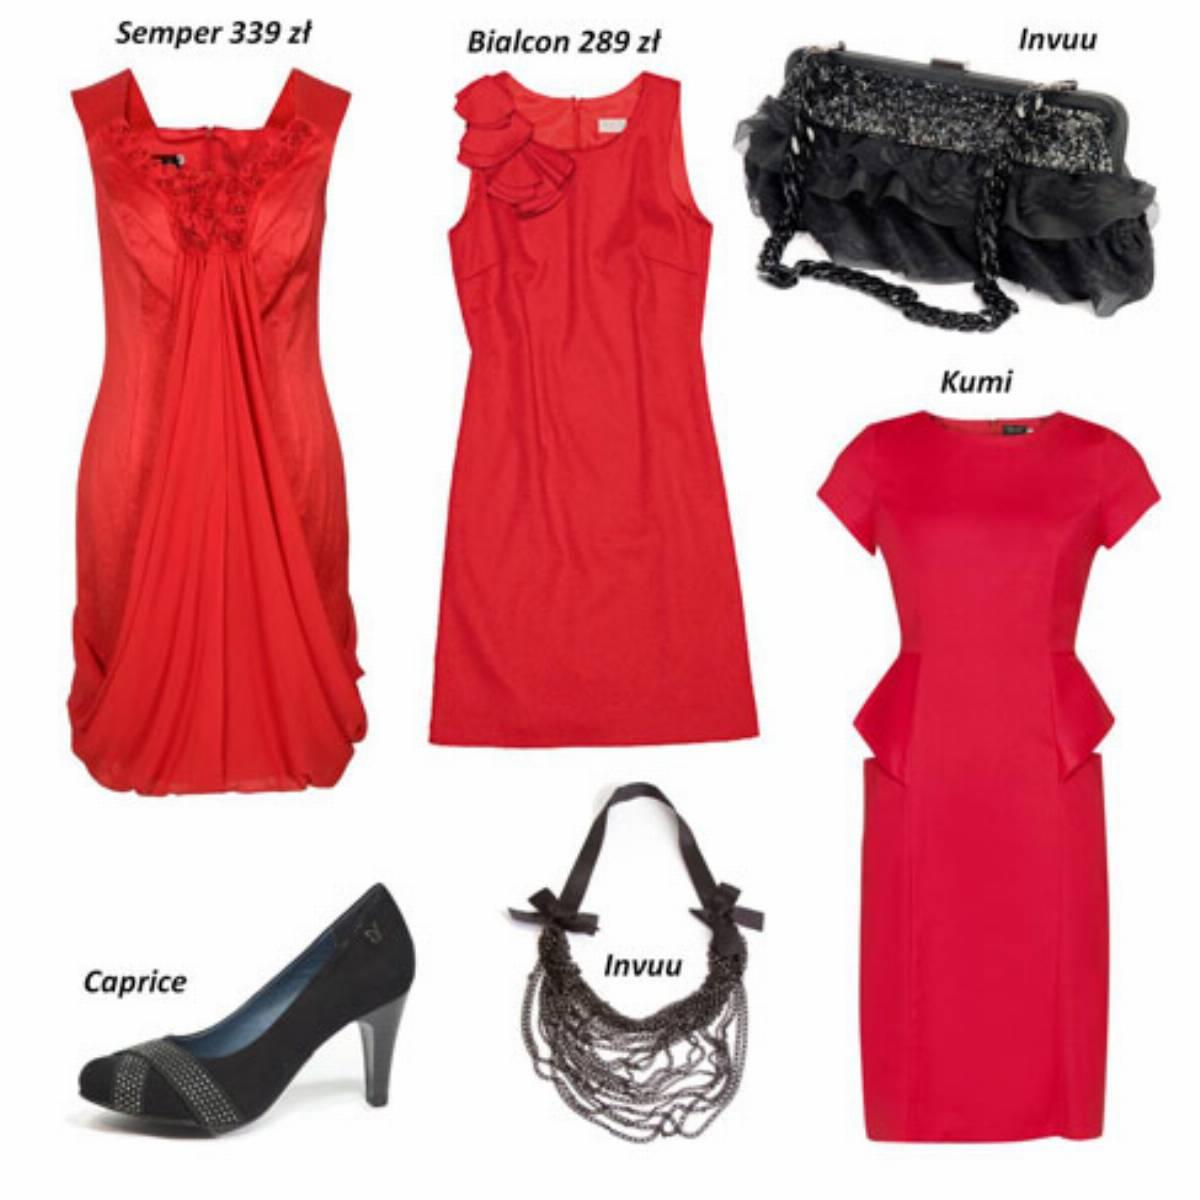 karnawał 2012, jak się ubrać na karnawał, sukienki wieczorowe, sukienka na karnawał